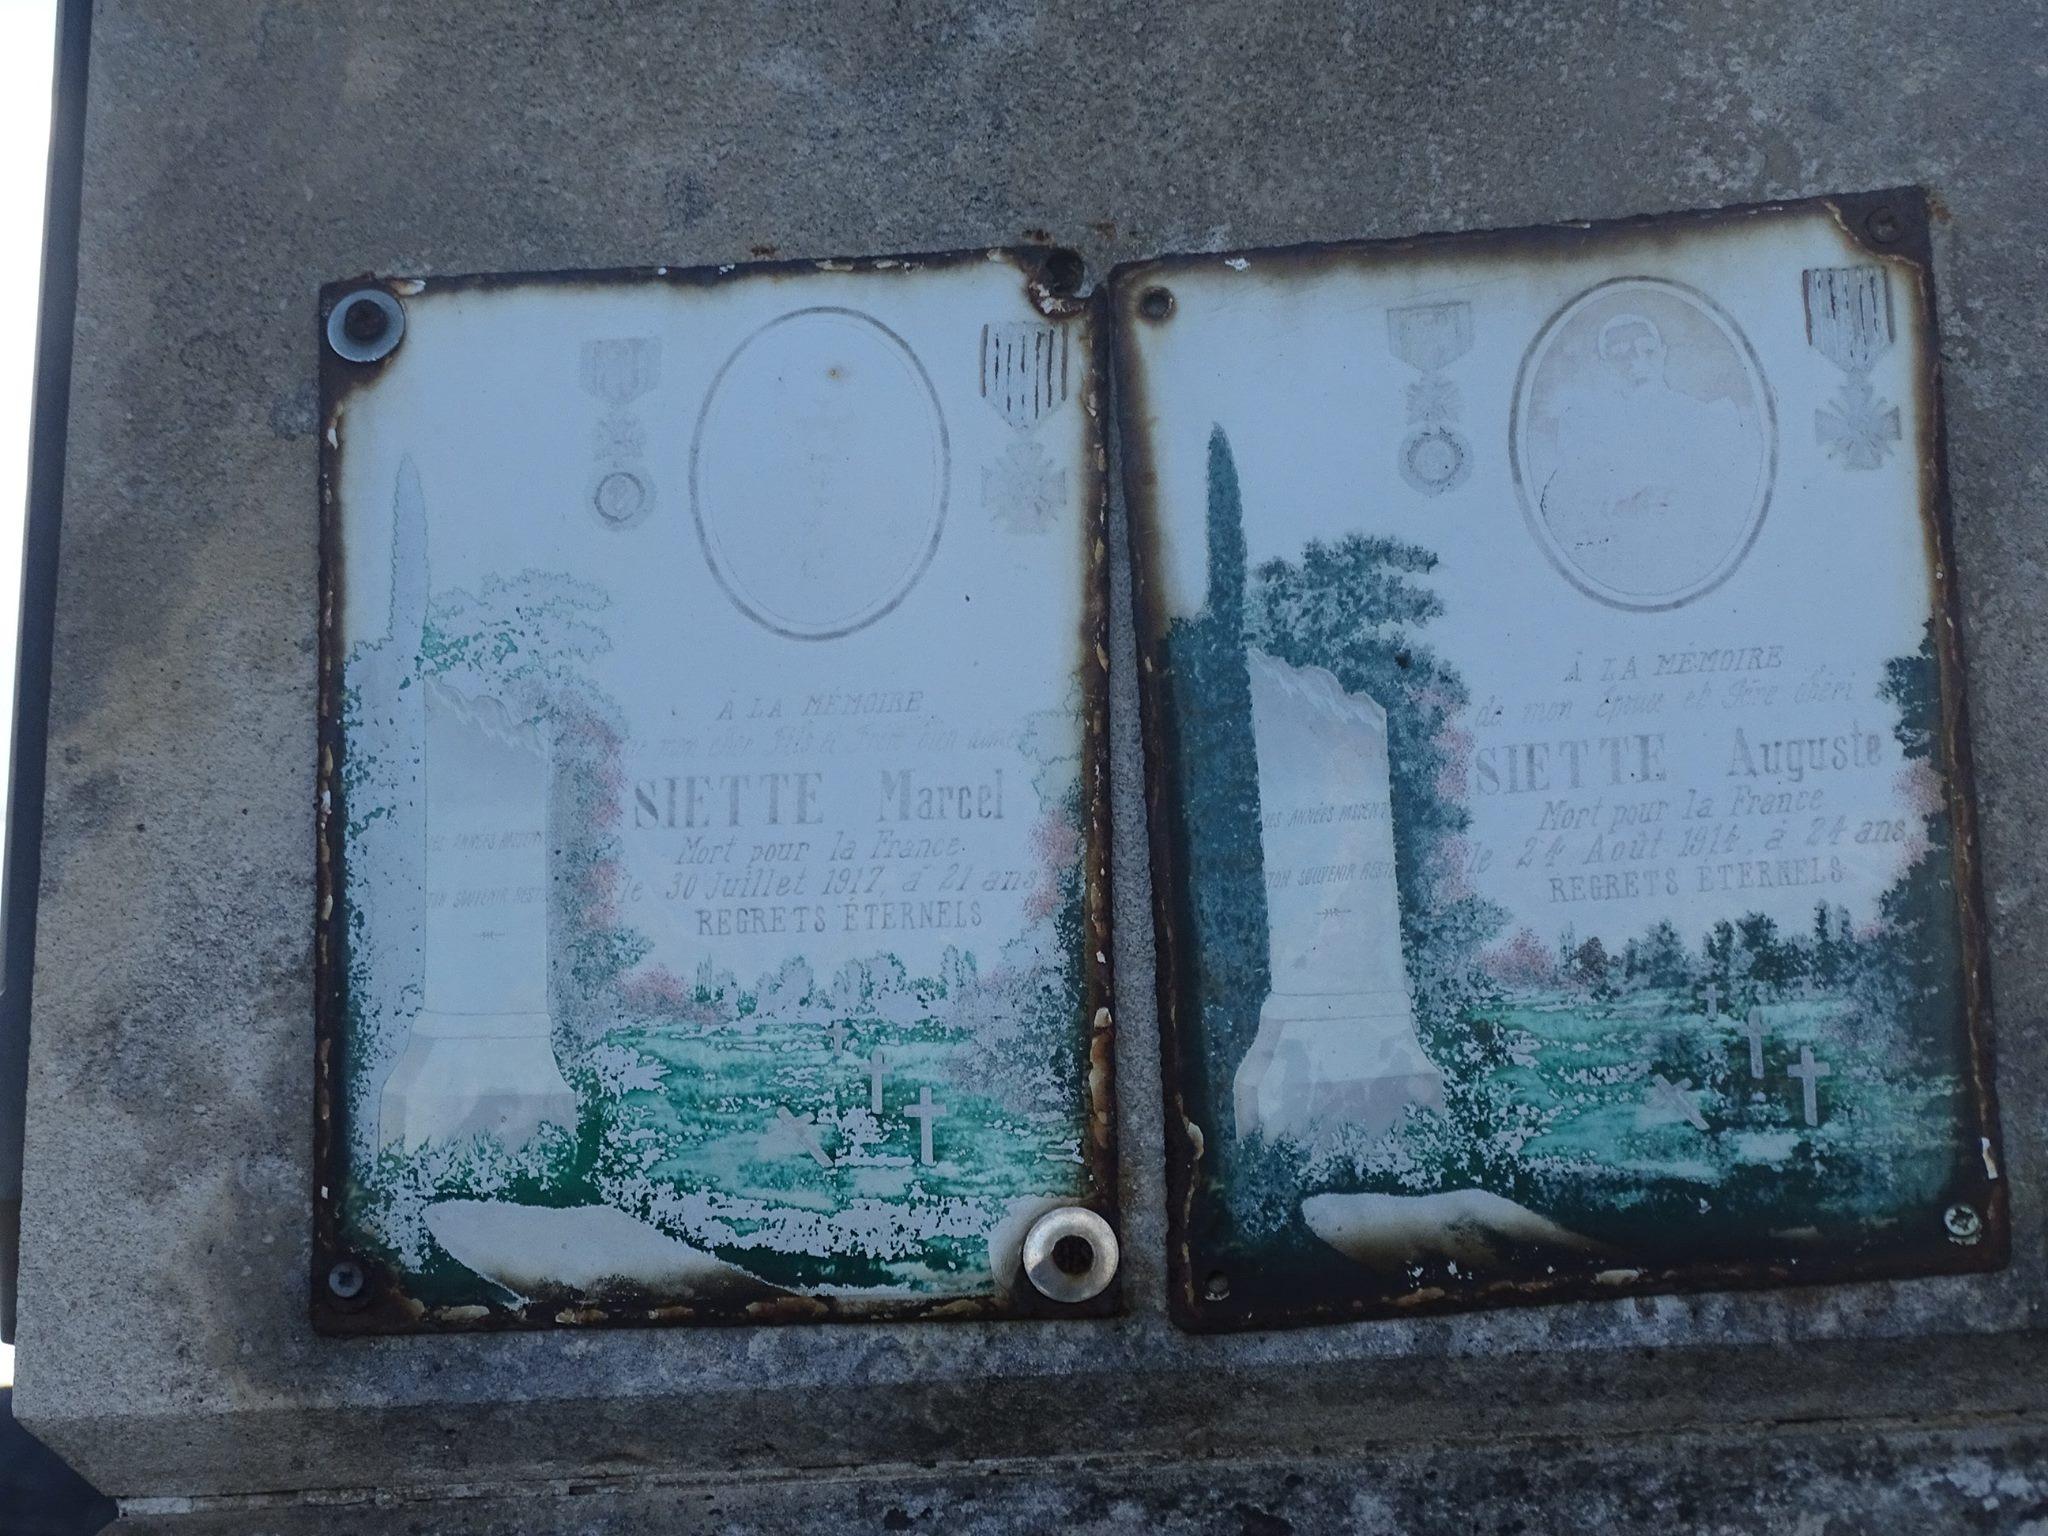 Pirmil - Monument commémoratif - Plaques émaillées - SIETTE Marcel - SIETTE Auguste (Marie-Yvonne Mersanne)